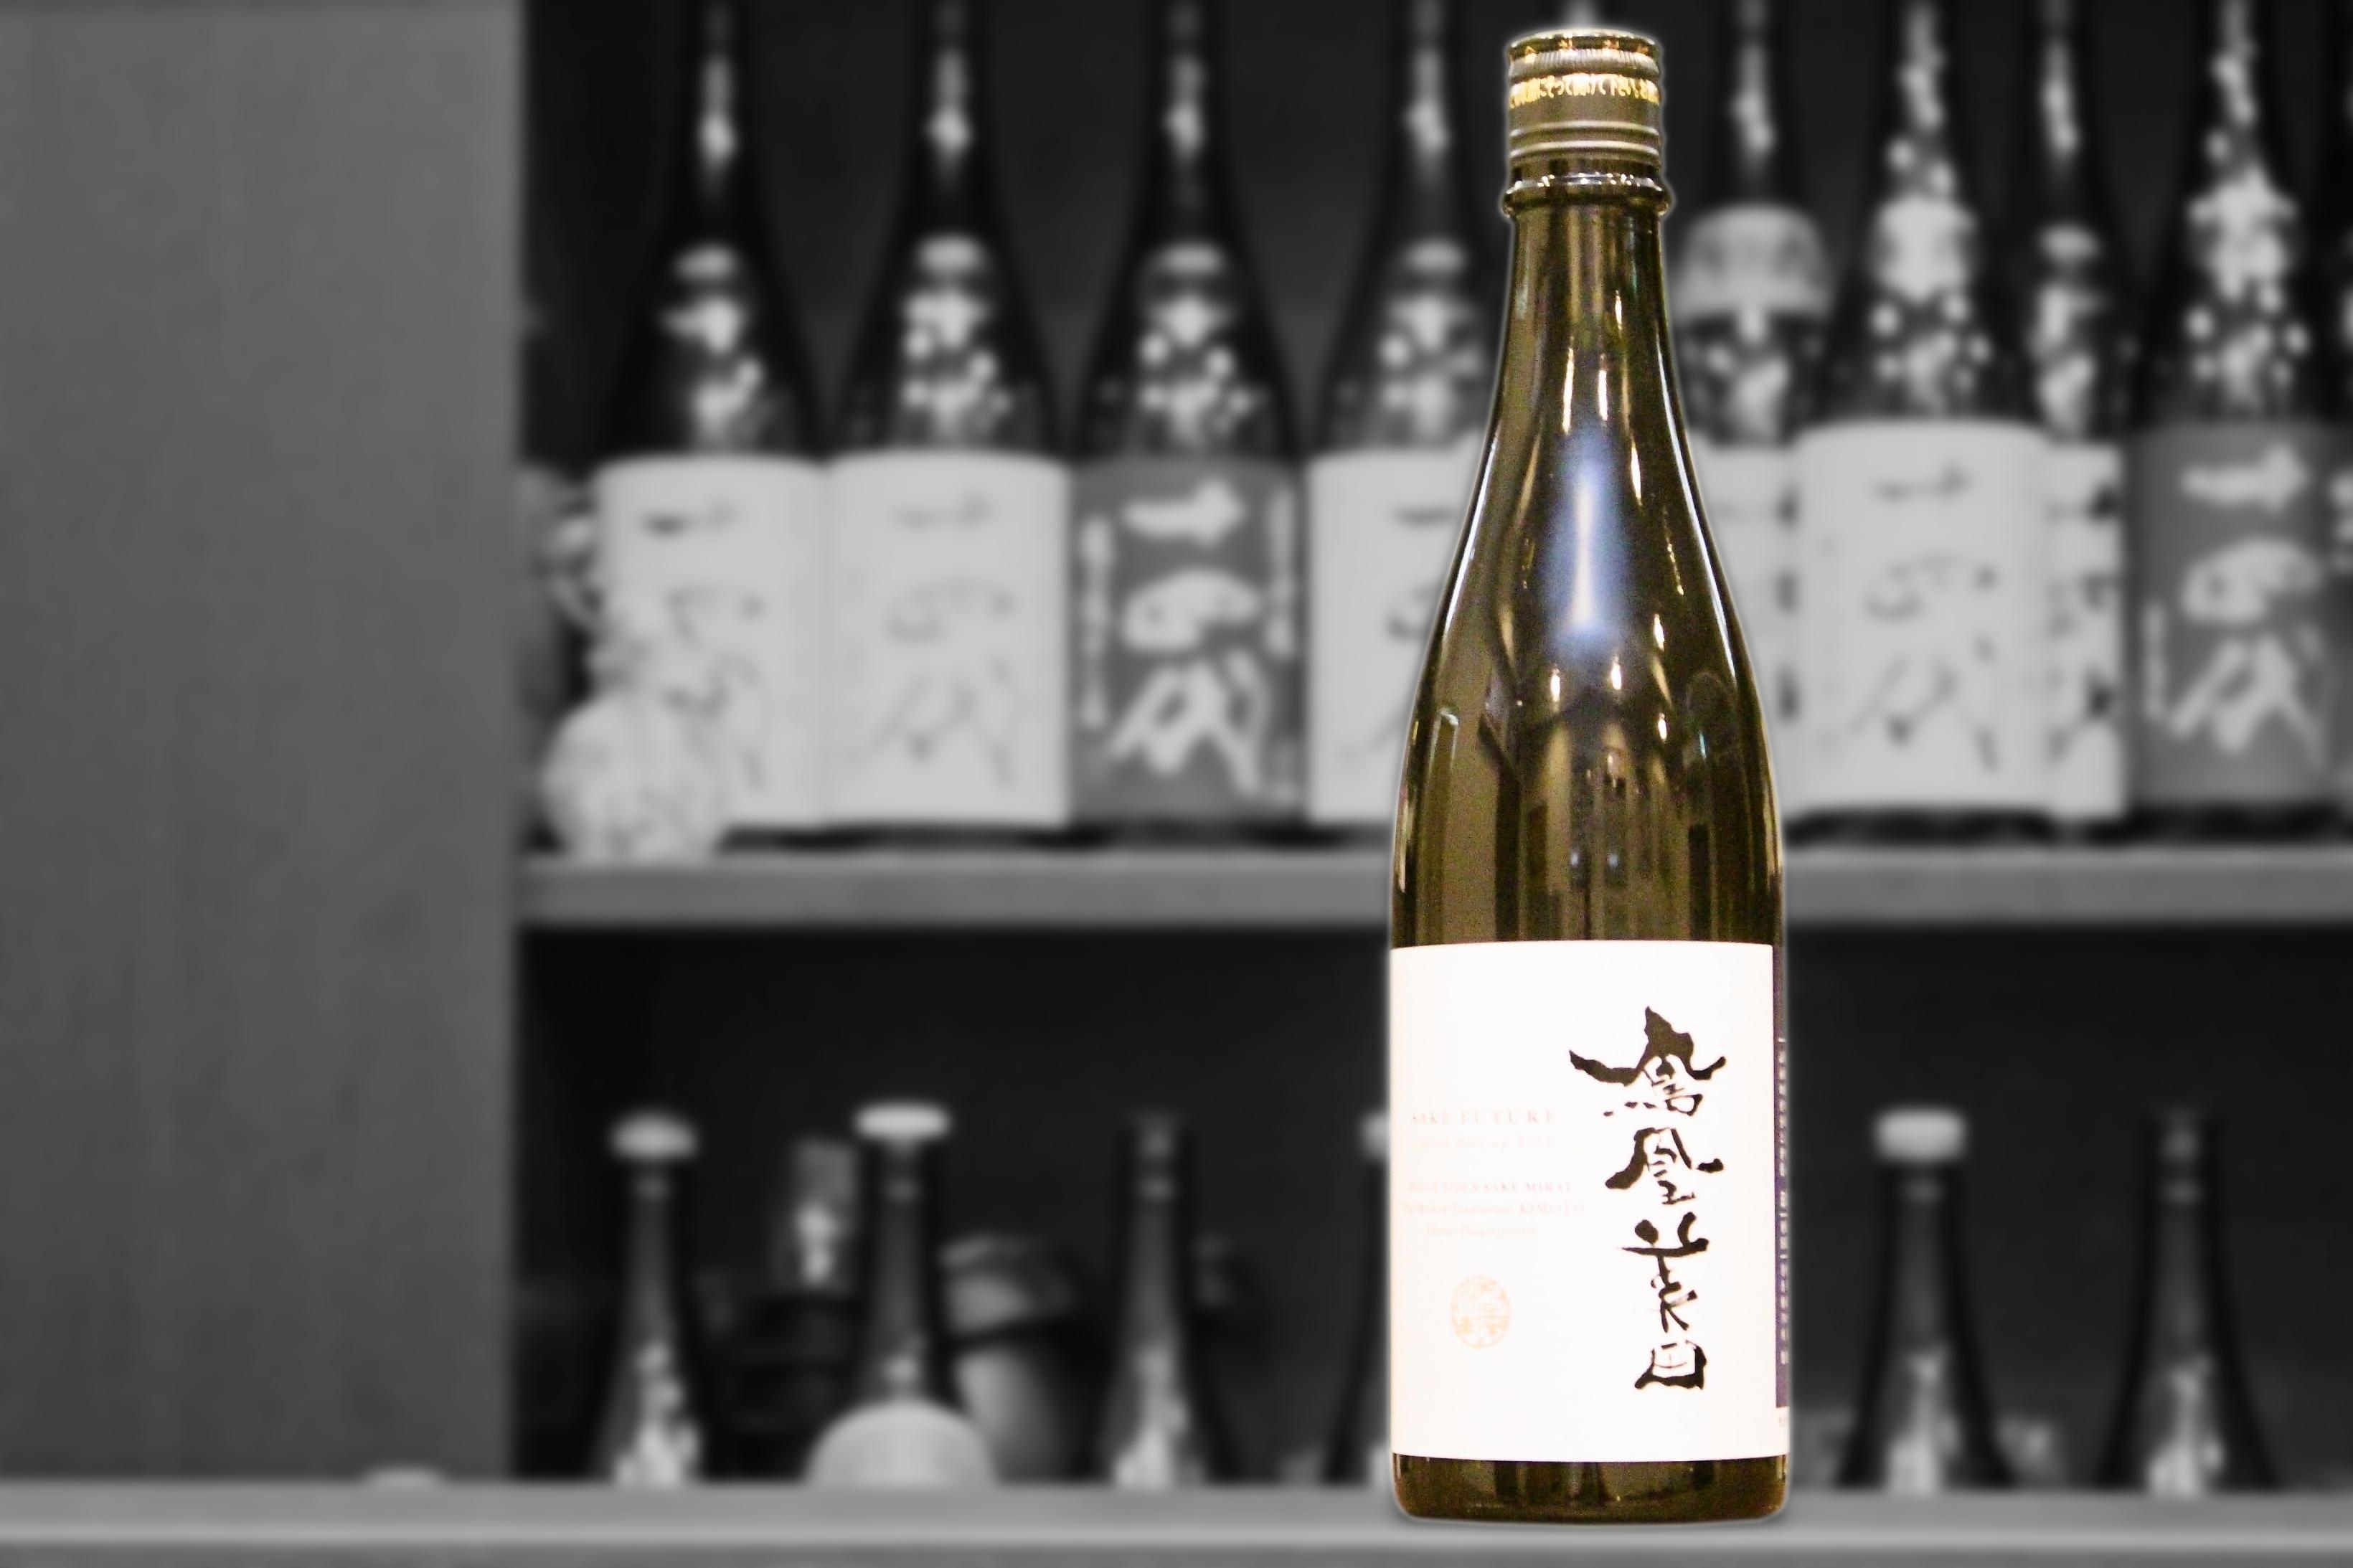 鳳凰美田酒未来202007-001